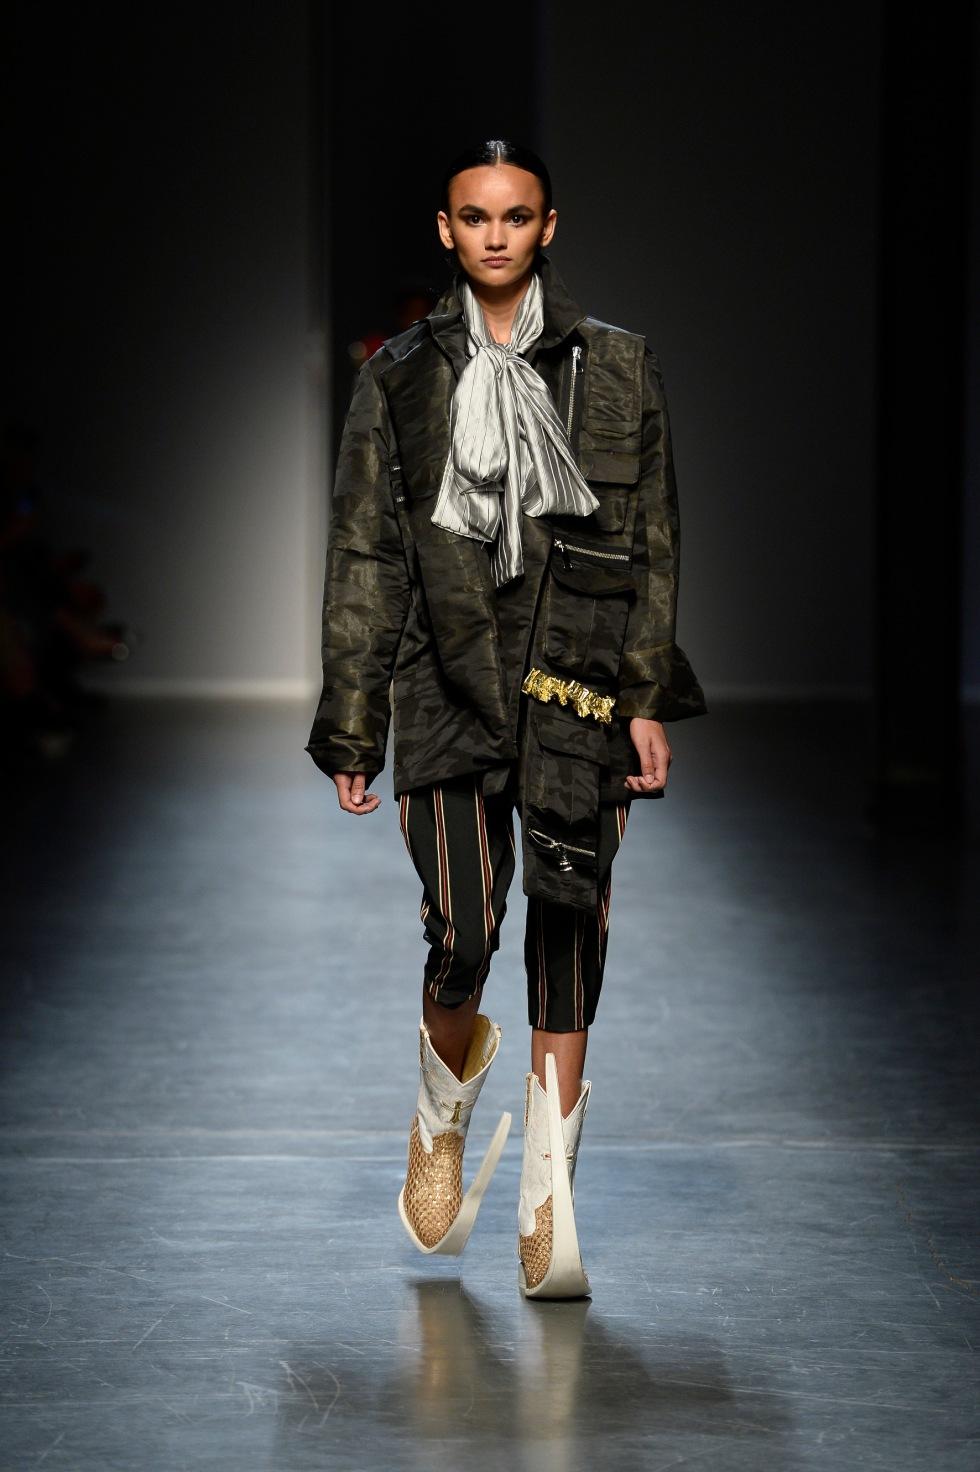 Outfit_YKK_Alejandra Rendon Felix